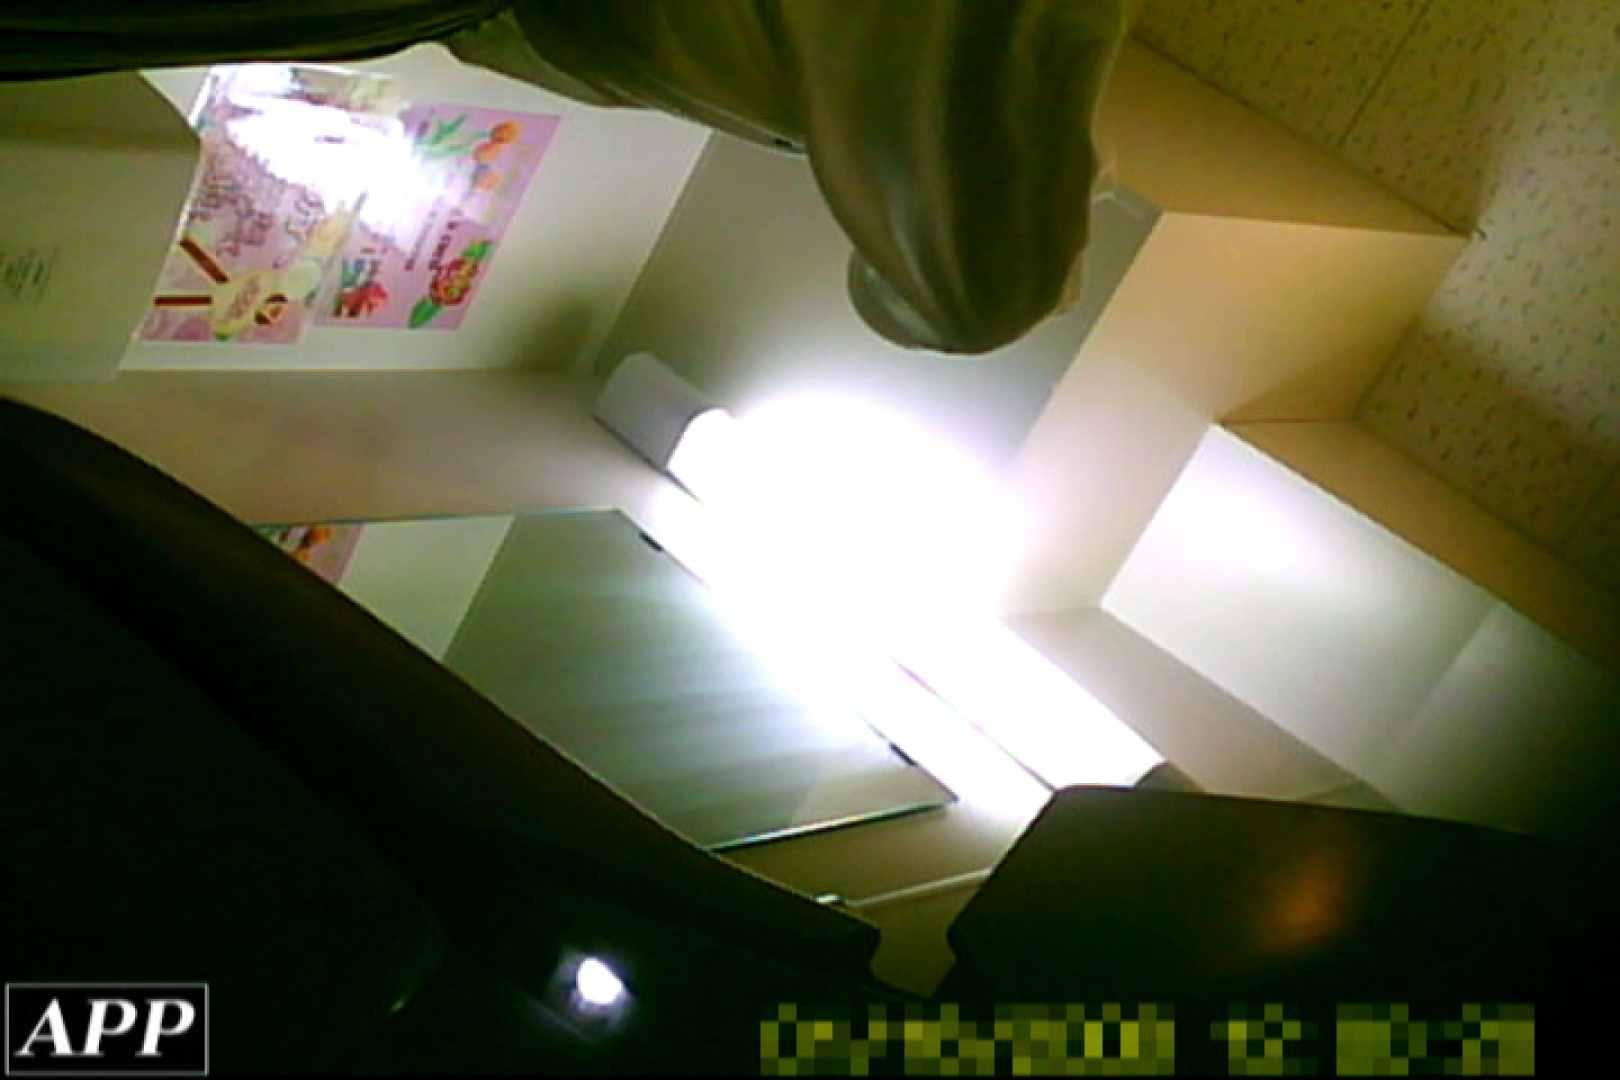 3視点洗面所 vol.128 肛門丸見え オメコ動画キャプチャ 102pic 35